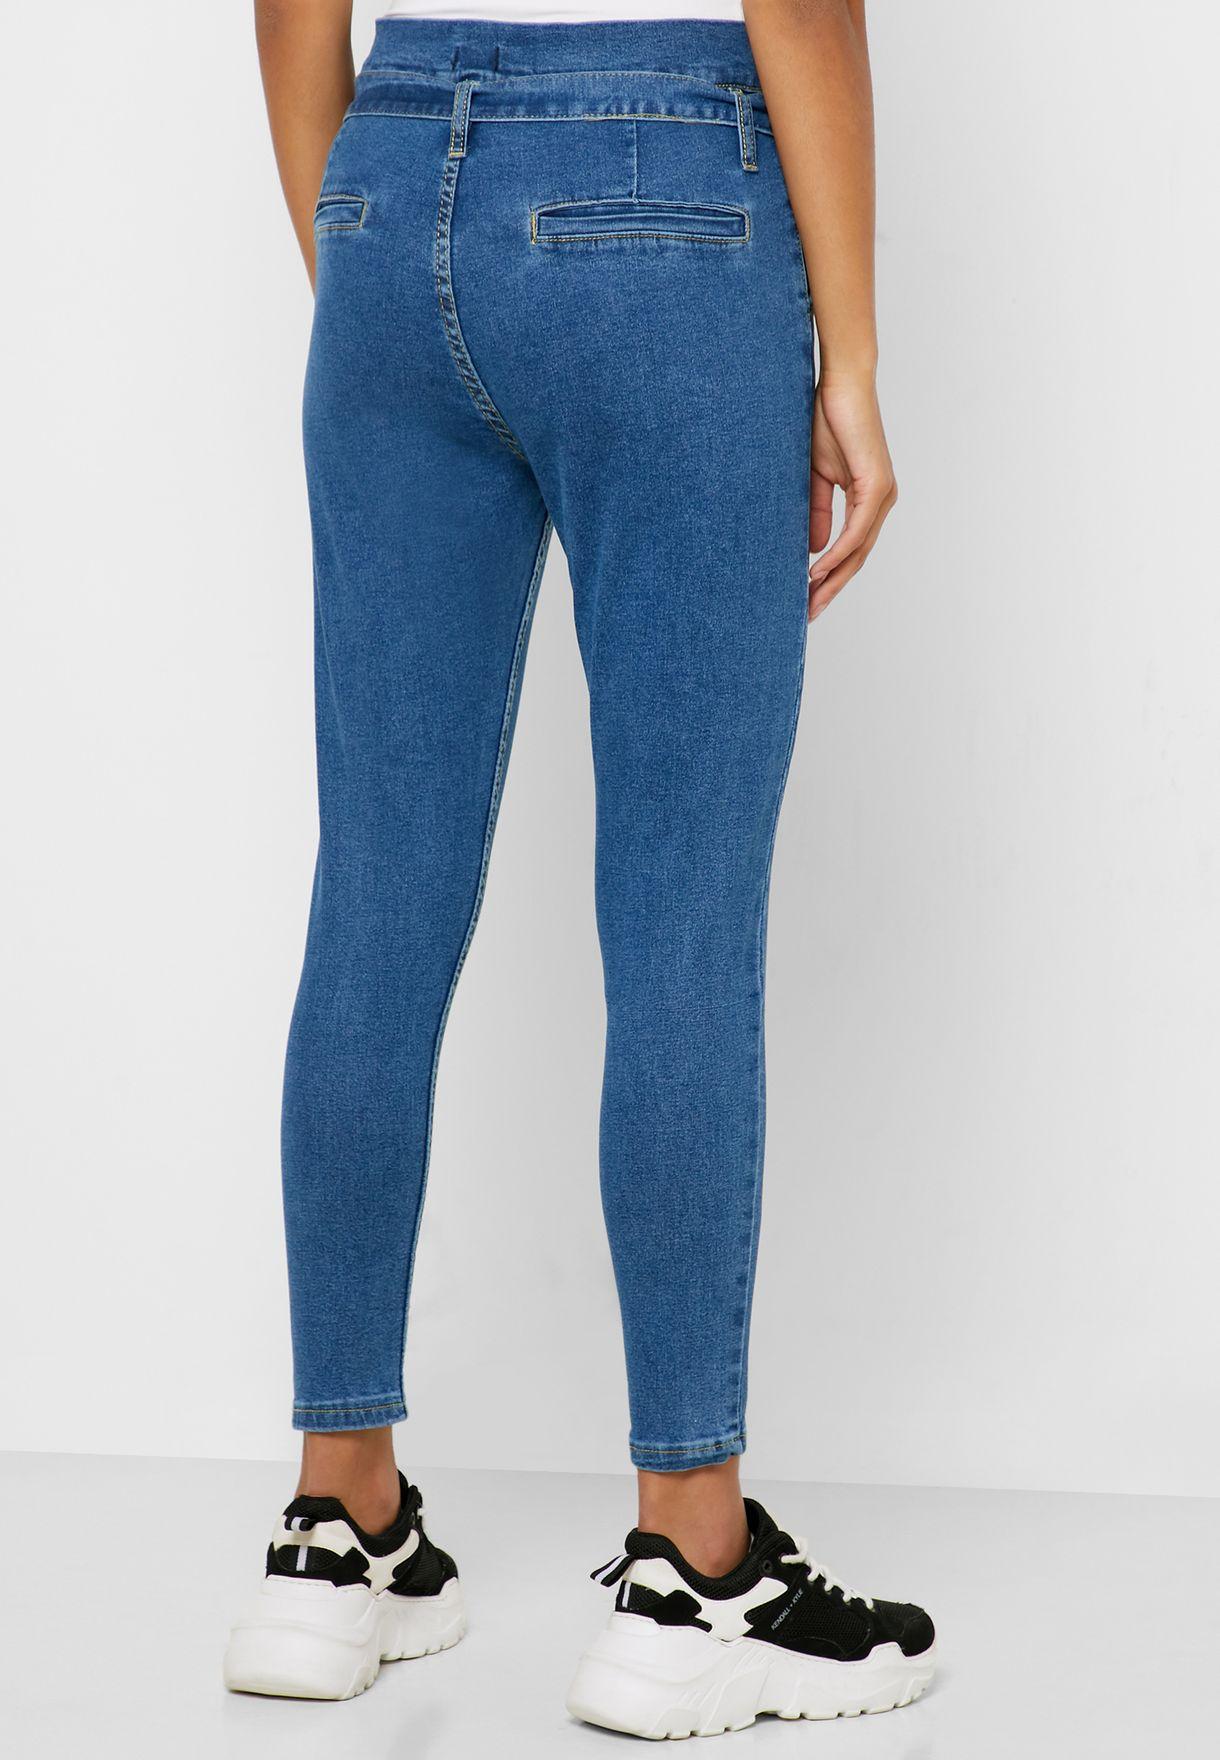 جينز بخصر عالي وحزام